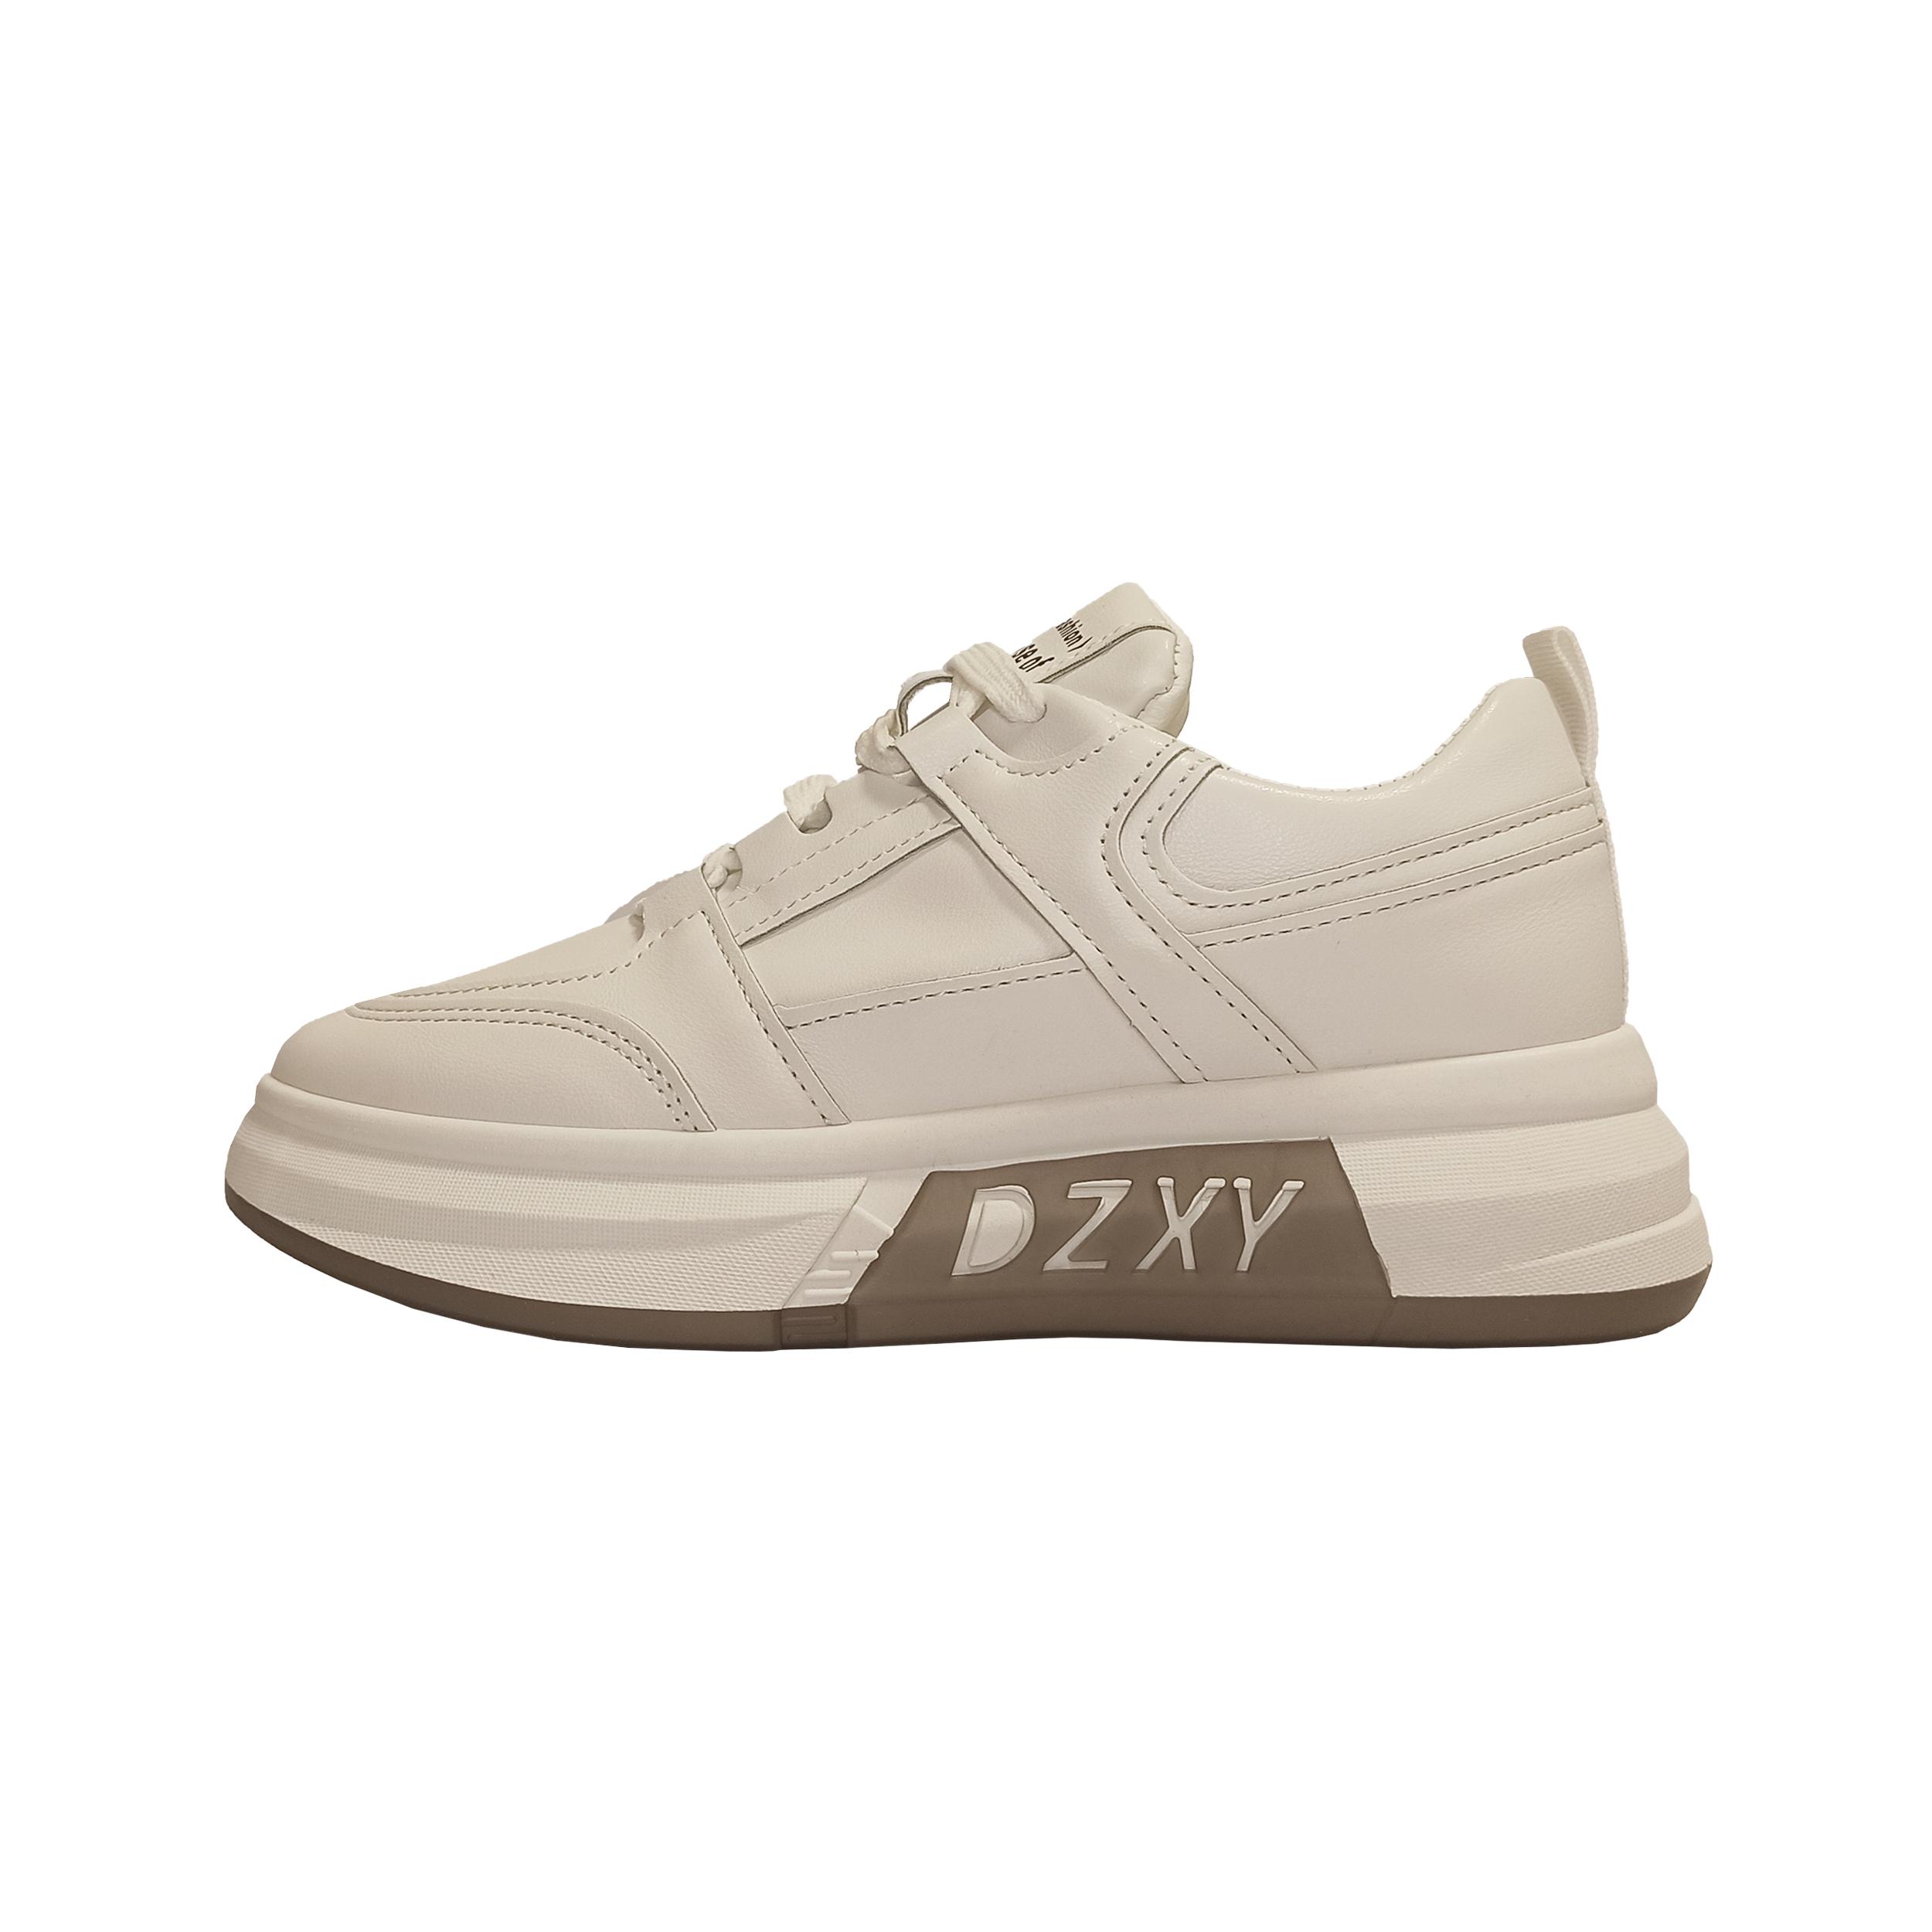 کفش روزمره زنانه مدل DZXY1